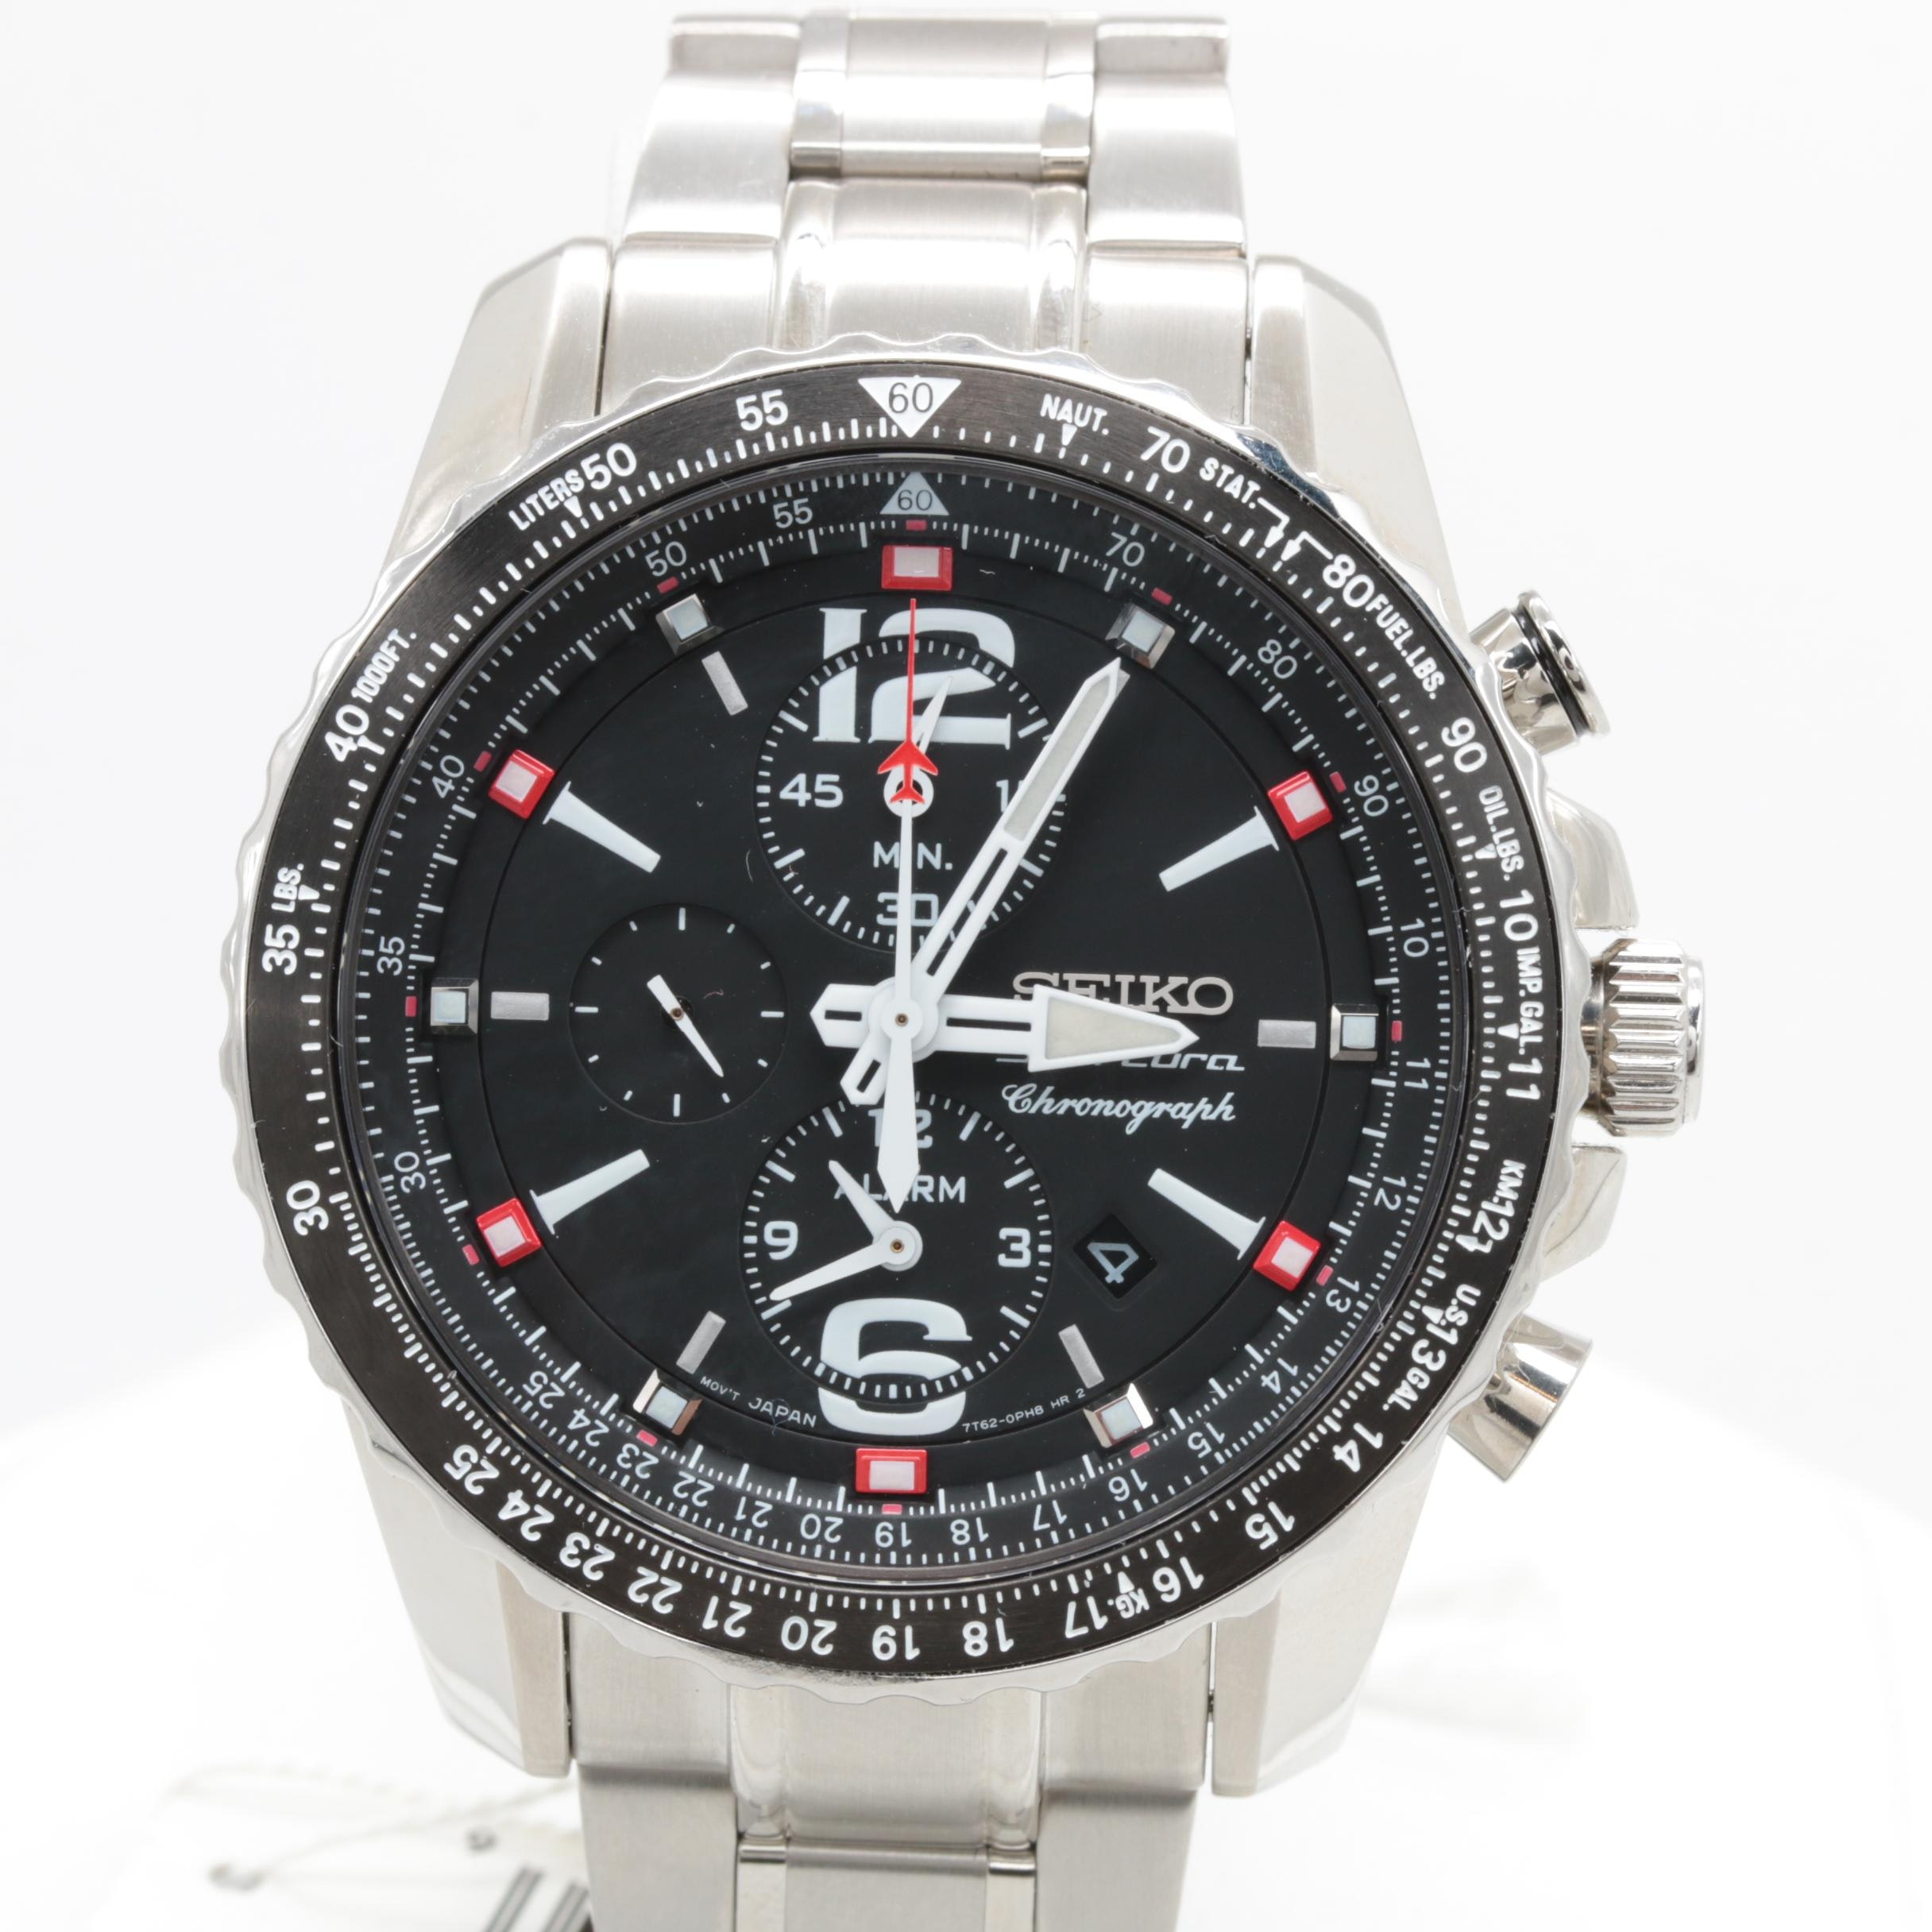 Seiko Stainless Steel Black Dial Chronograph Wristwatch